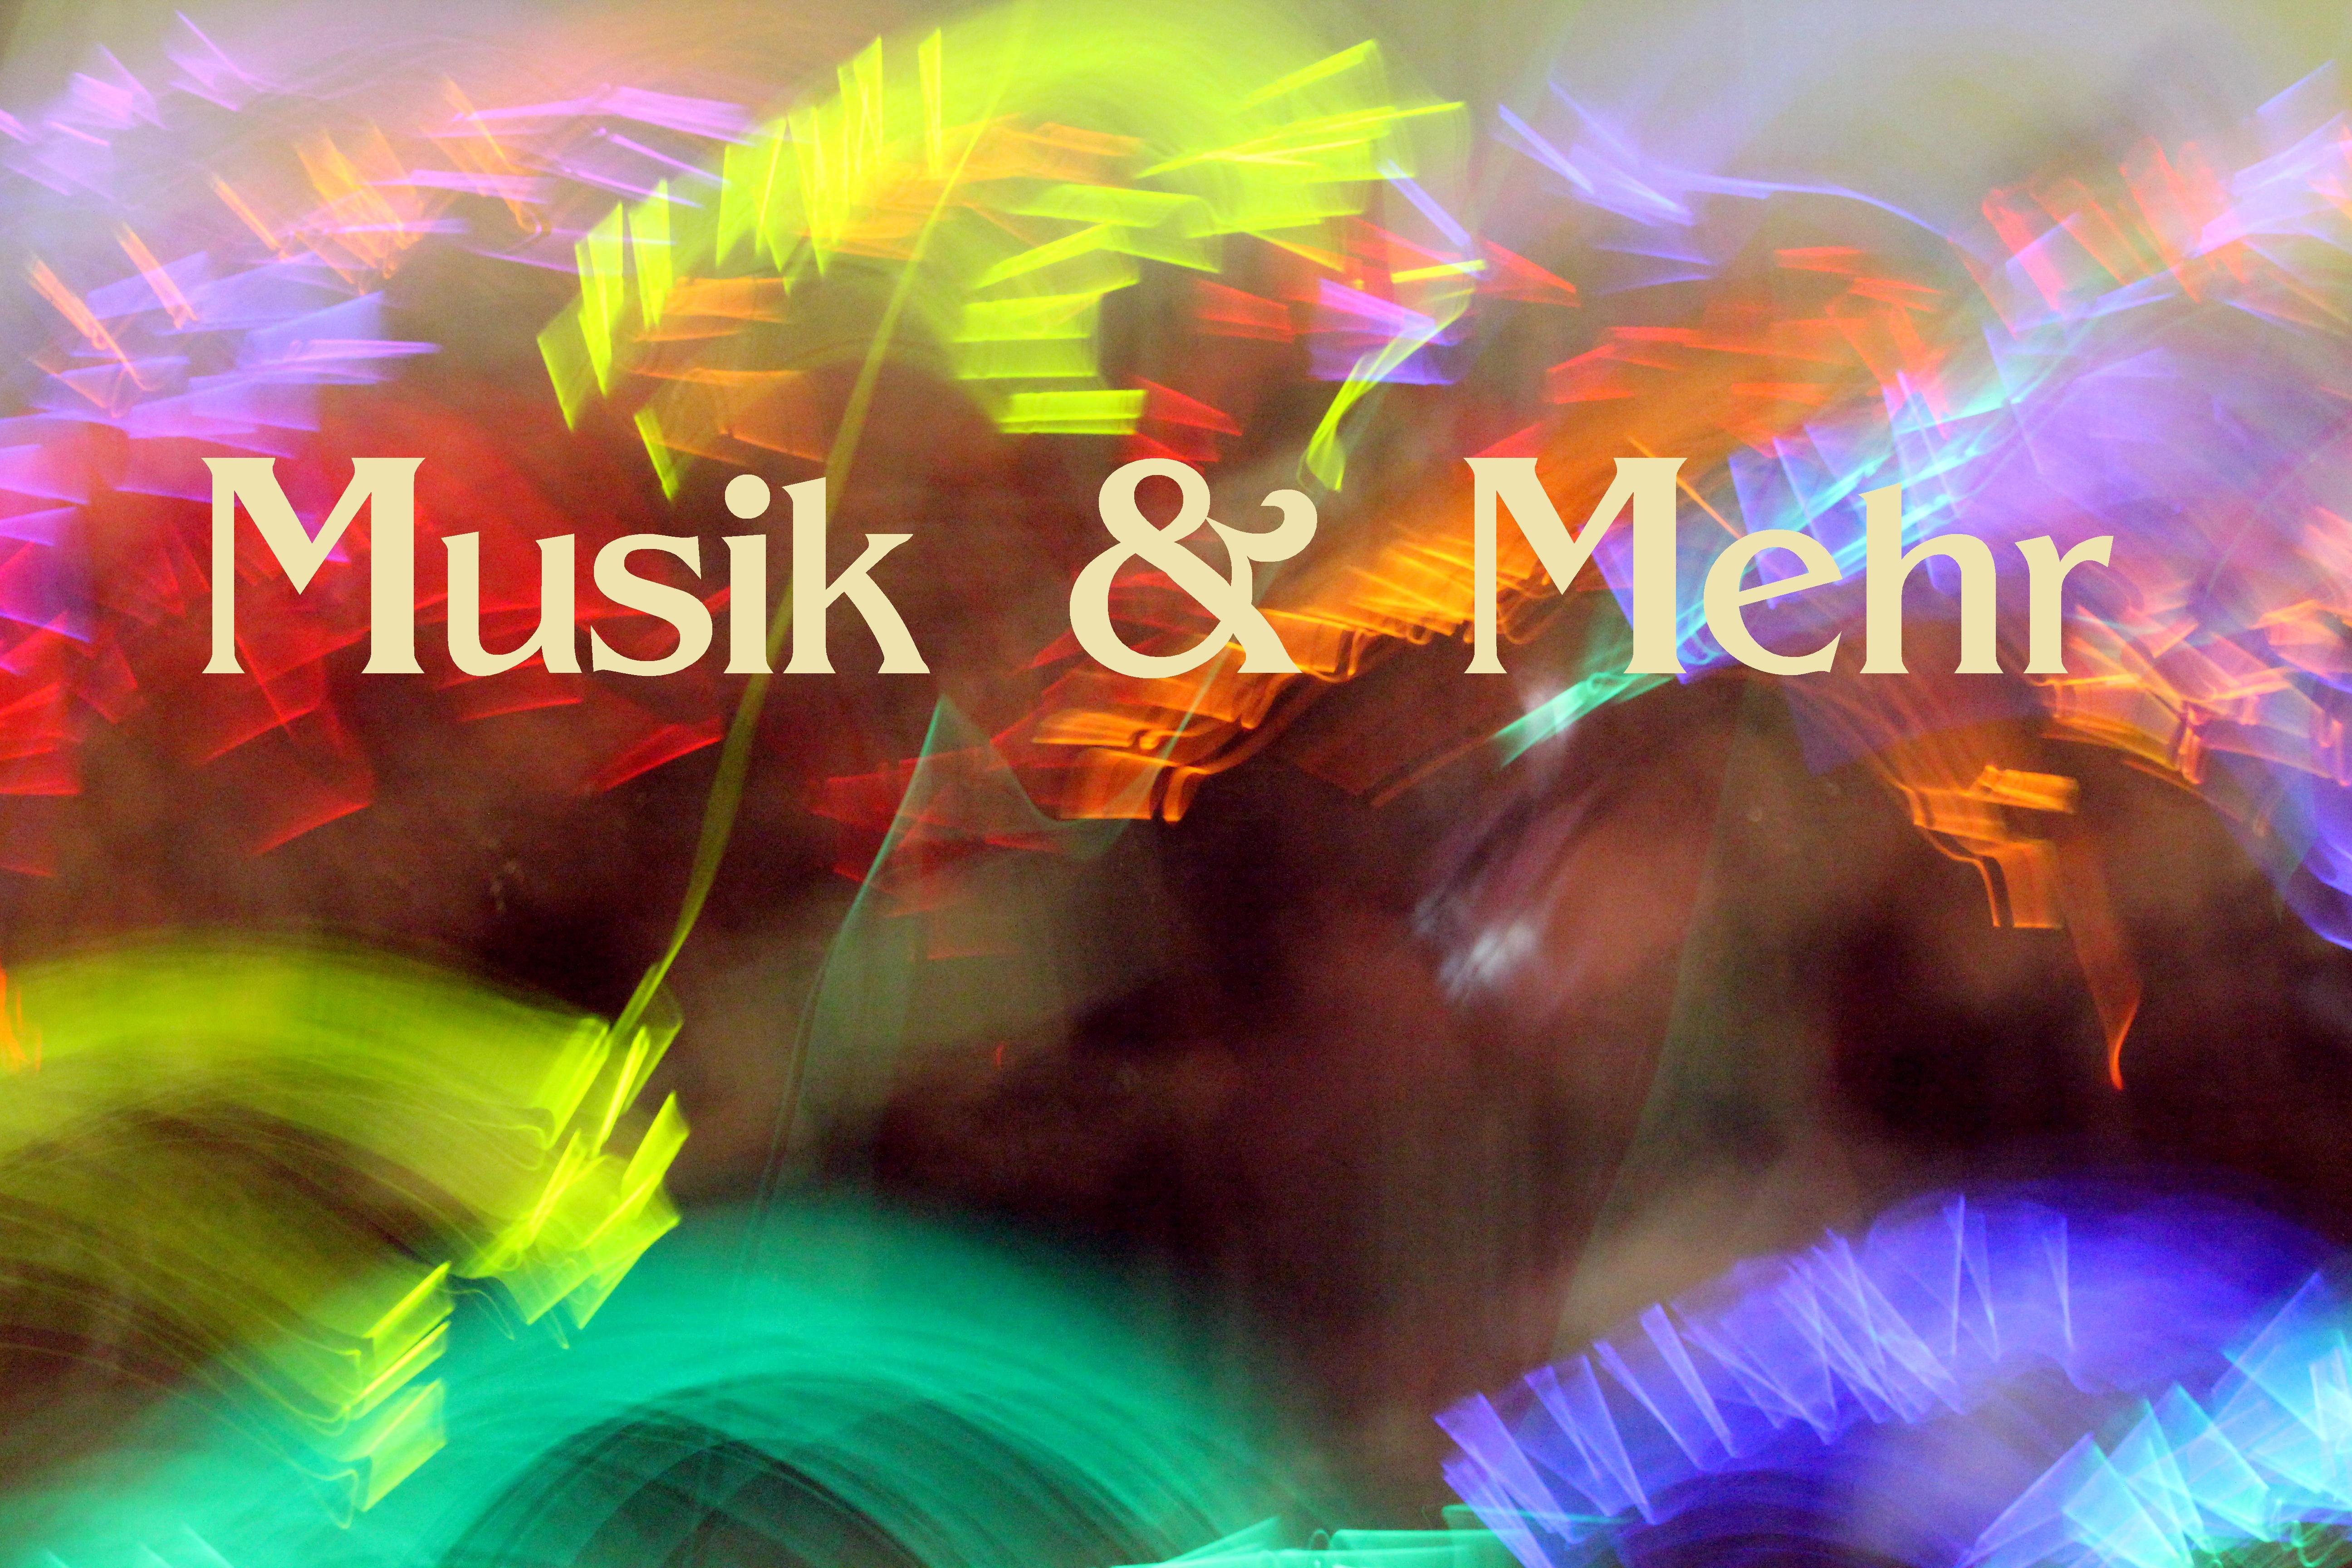 Bildernachlese des Musik & mehr Projektes